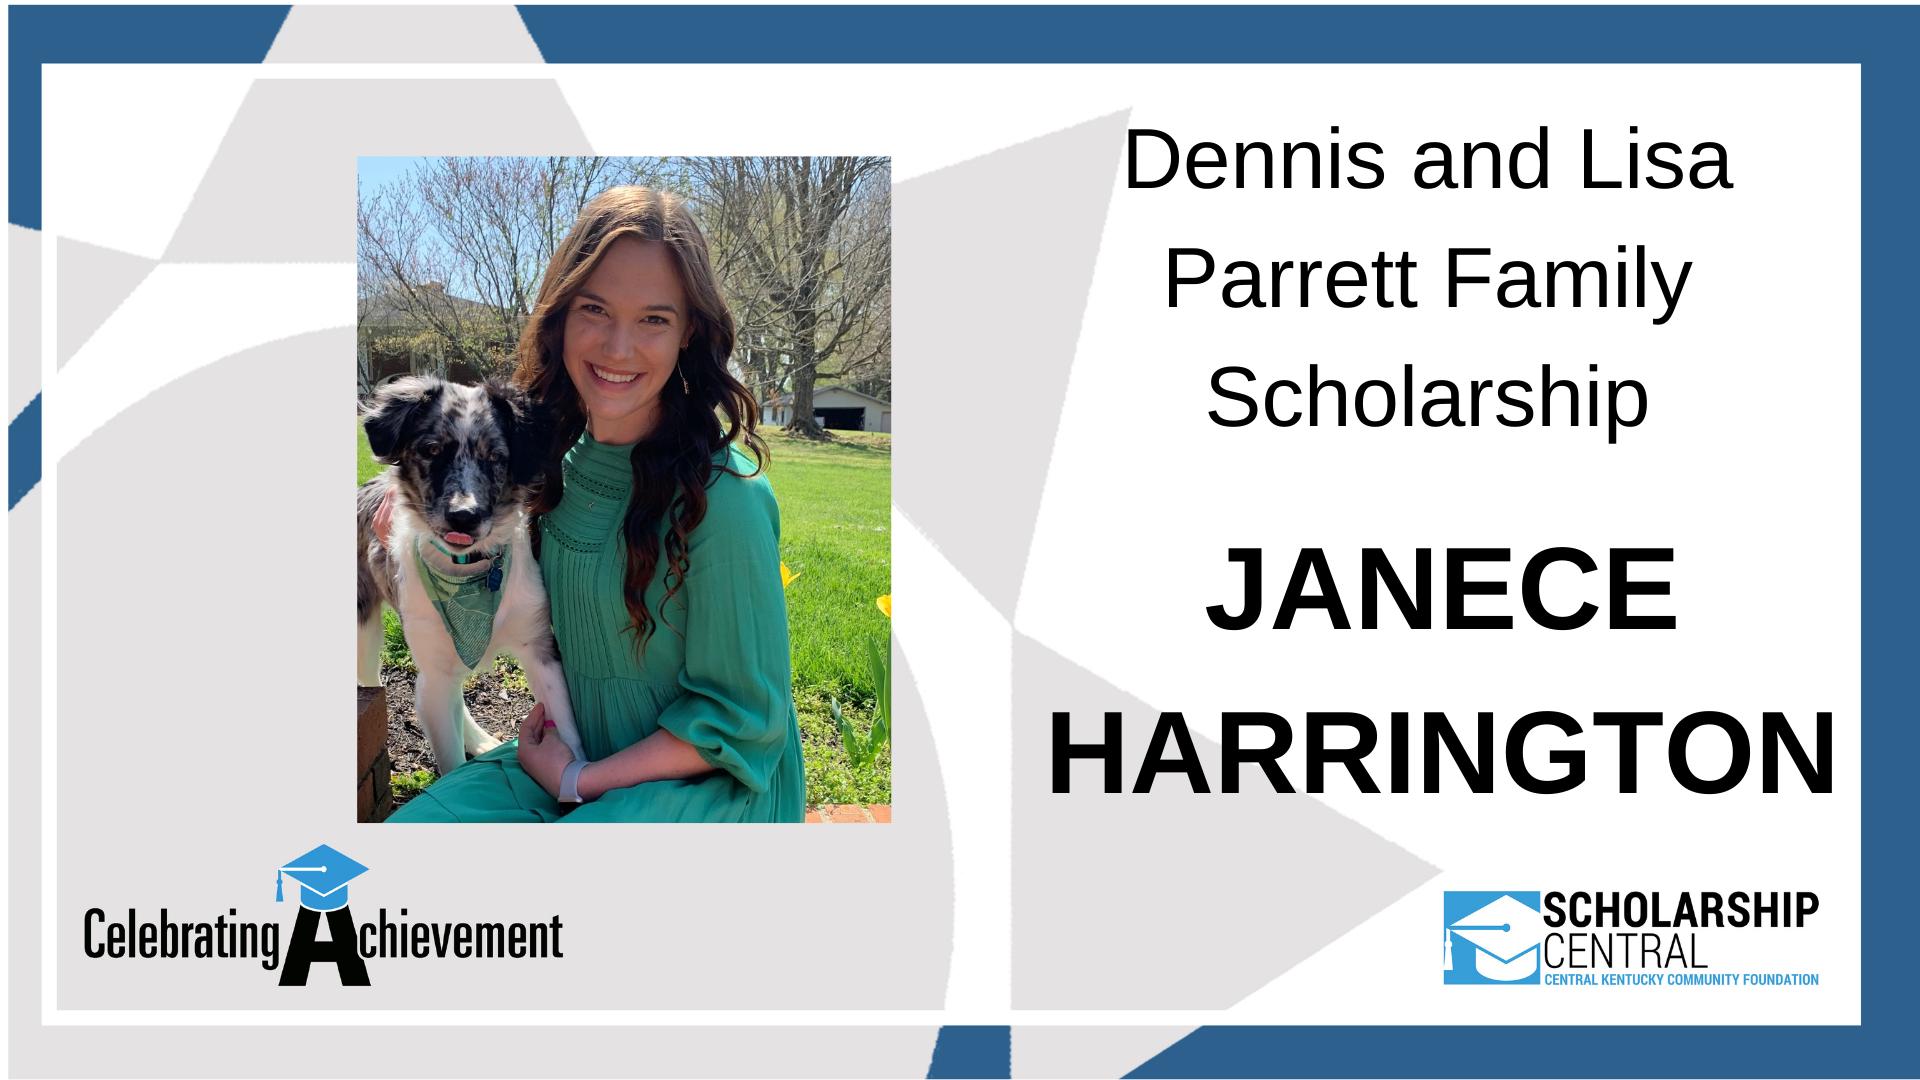 Dennis and Lisa Parrett Family Scholarship Winner